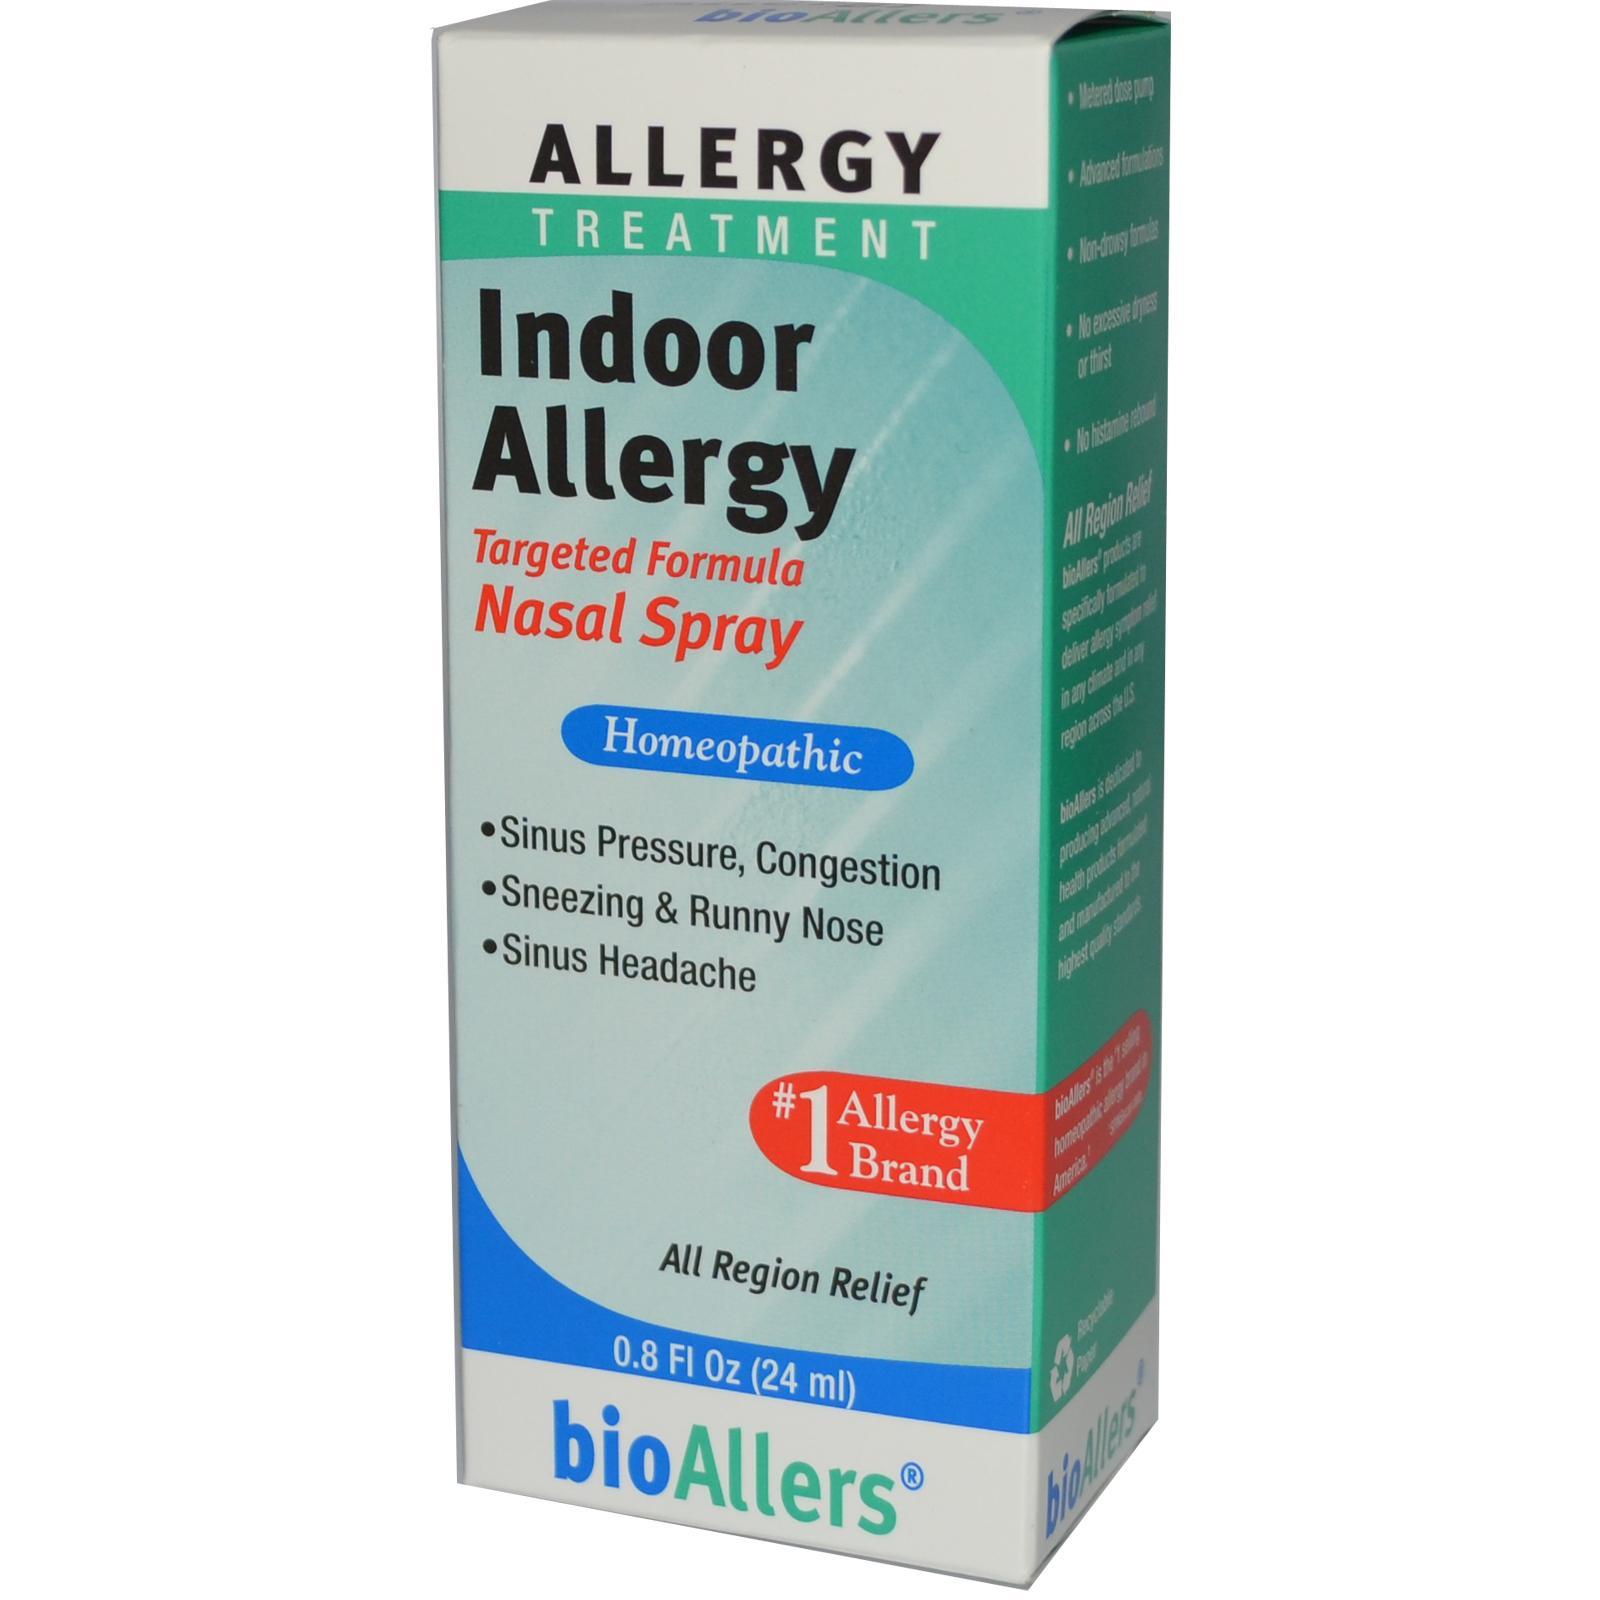 BioAllers Indoor Allergy Nasal Spray 24 ml: Nước xịt hỗ trợ đặc trị hiệu quả các triệu chứng viêm xoang, hắt hơi, đau đầu.